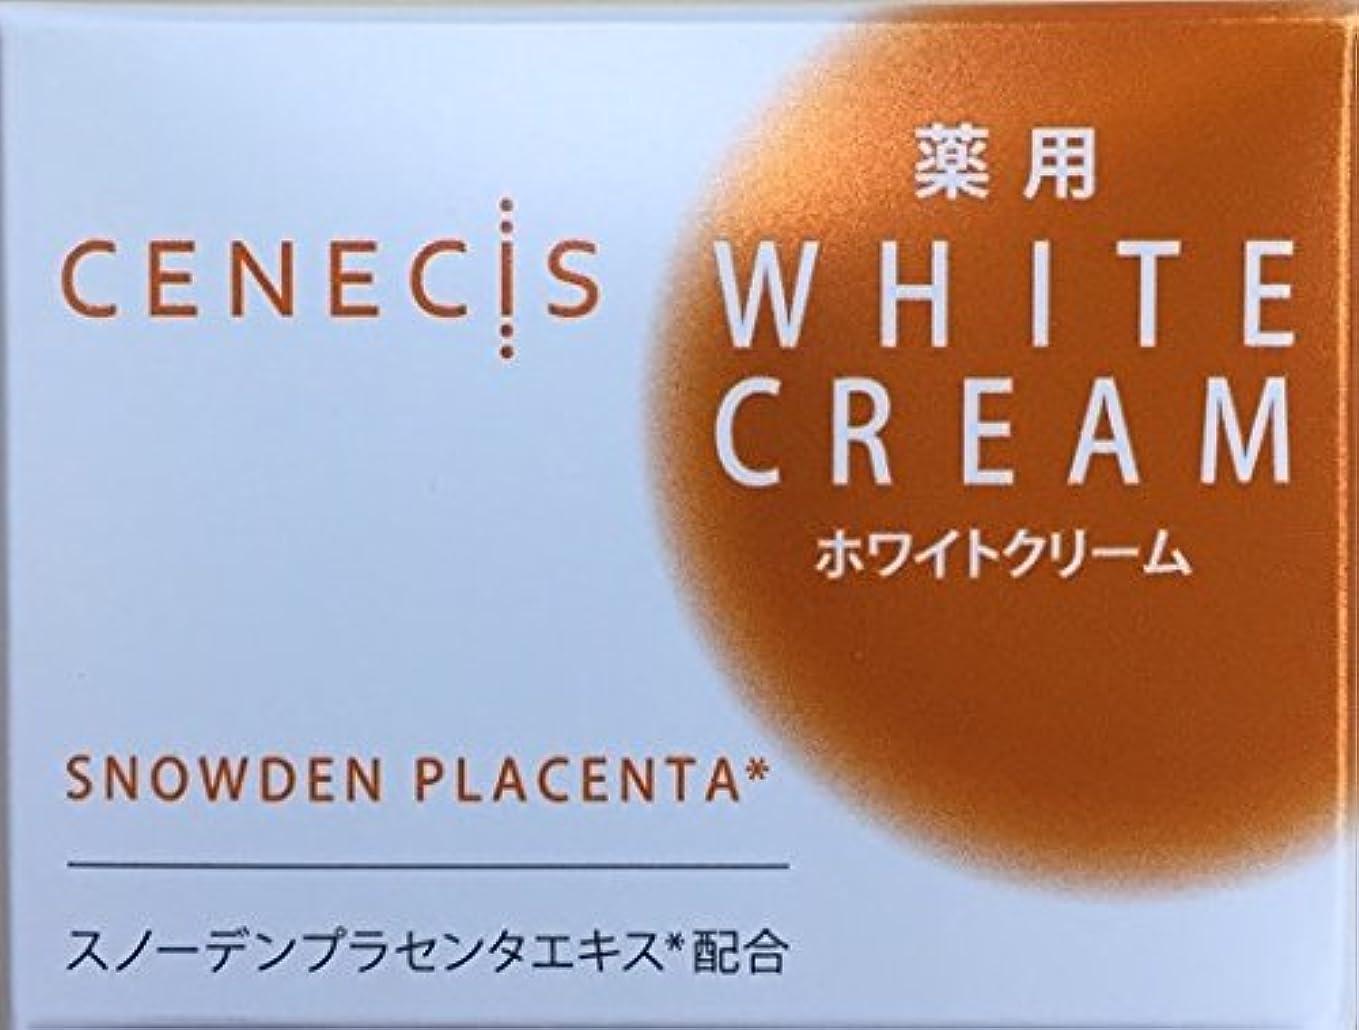 義務的不満待つスノーデン セネシス 薬用ホワイトクリーム 40g